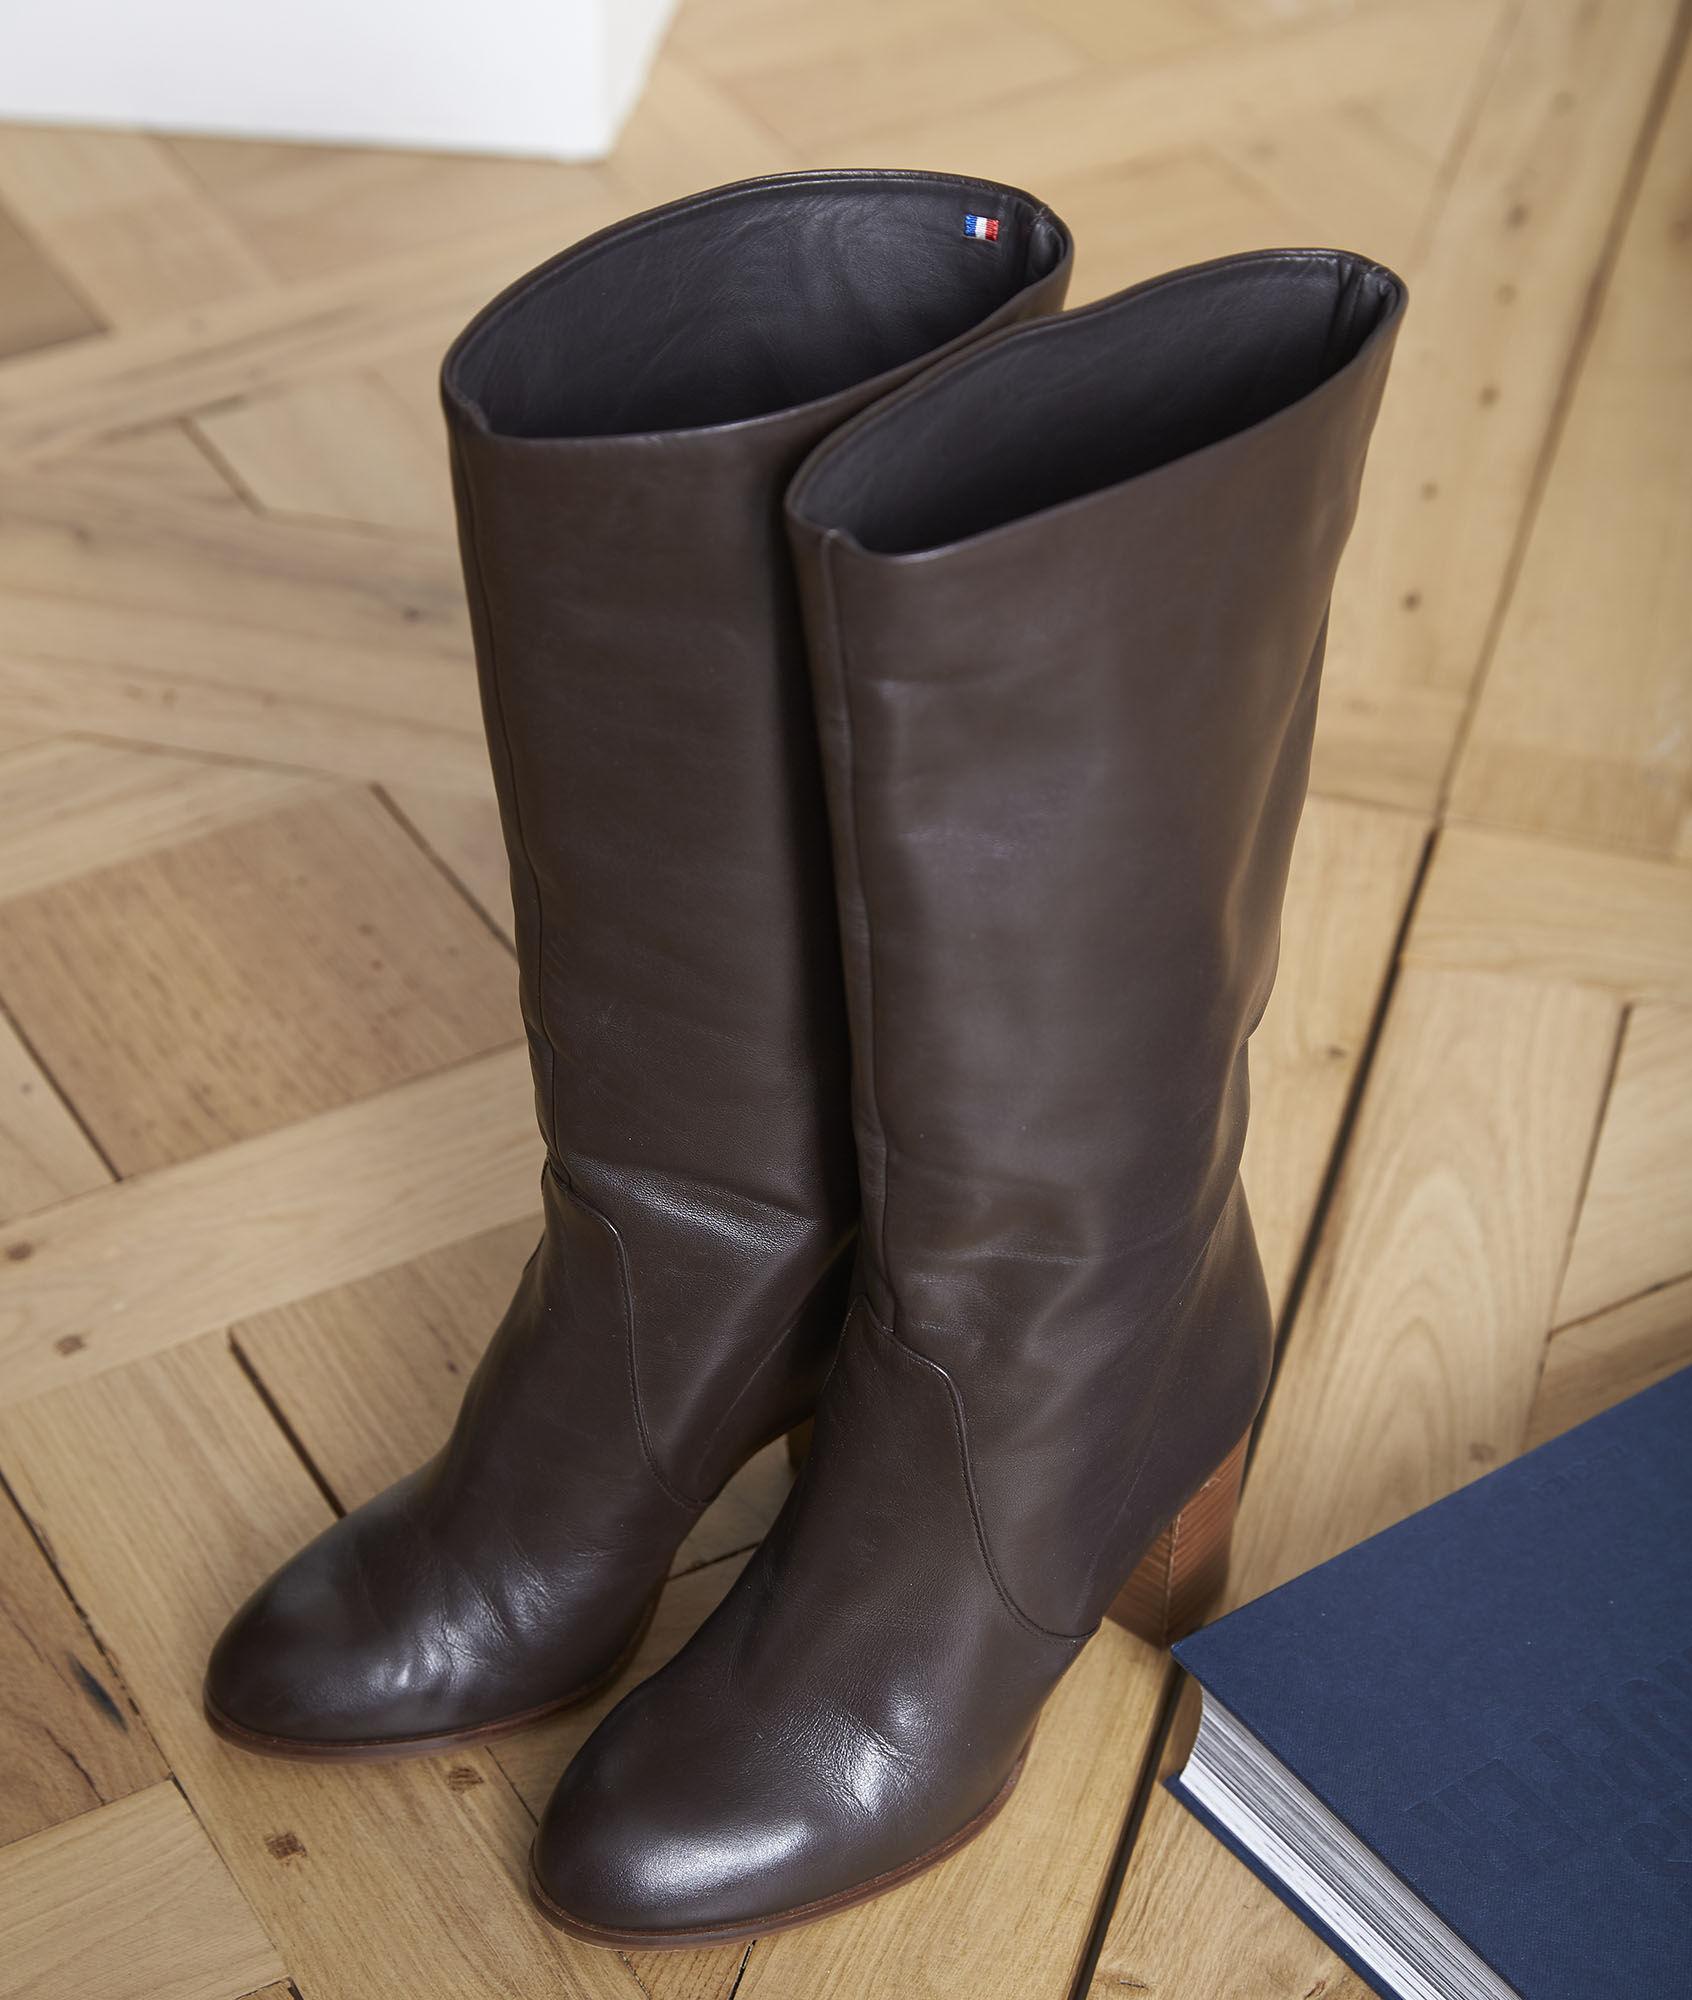 123 cuir talons Nadège en FemmeMaison Bottes marron à j5L4RA